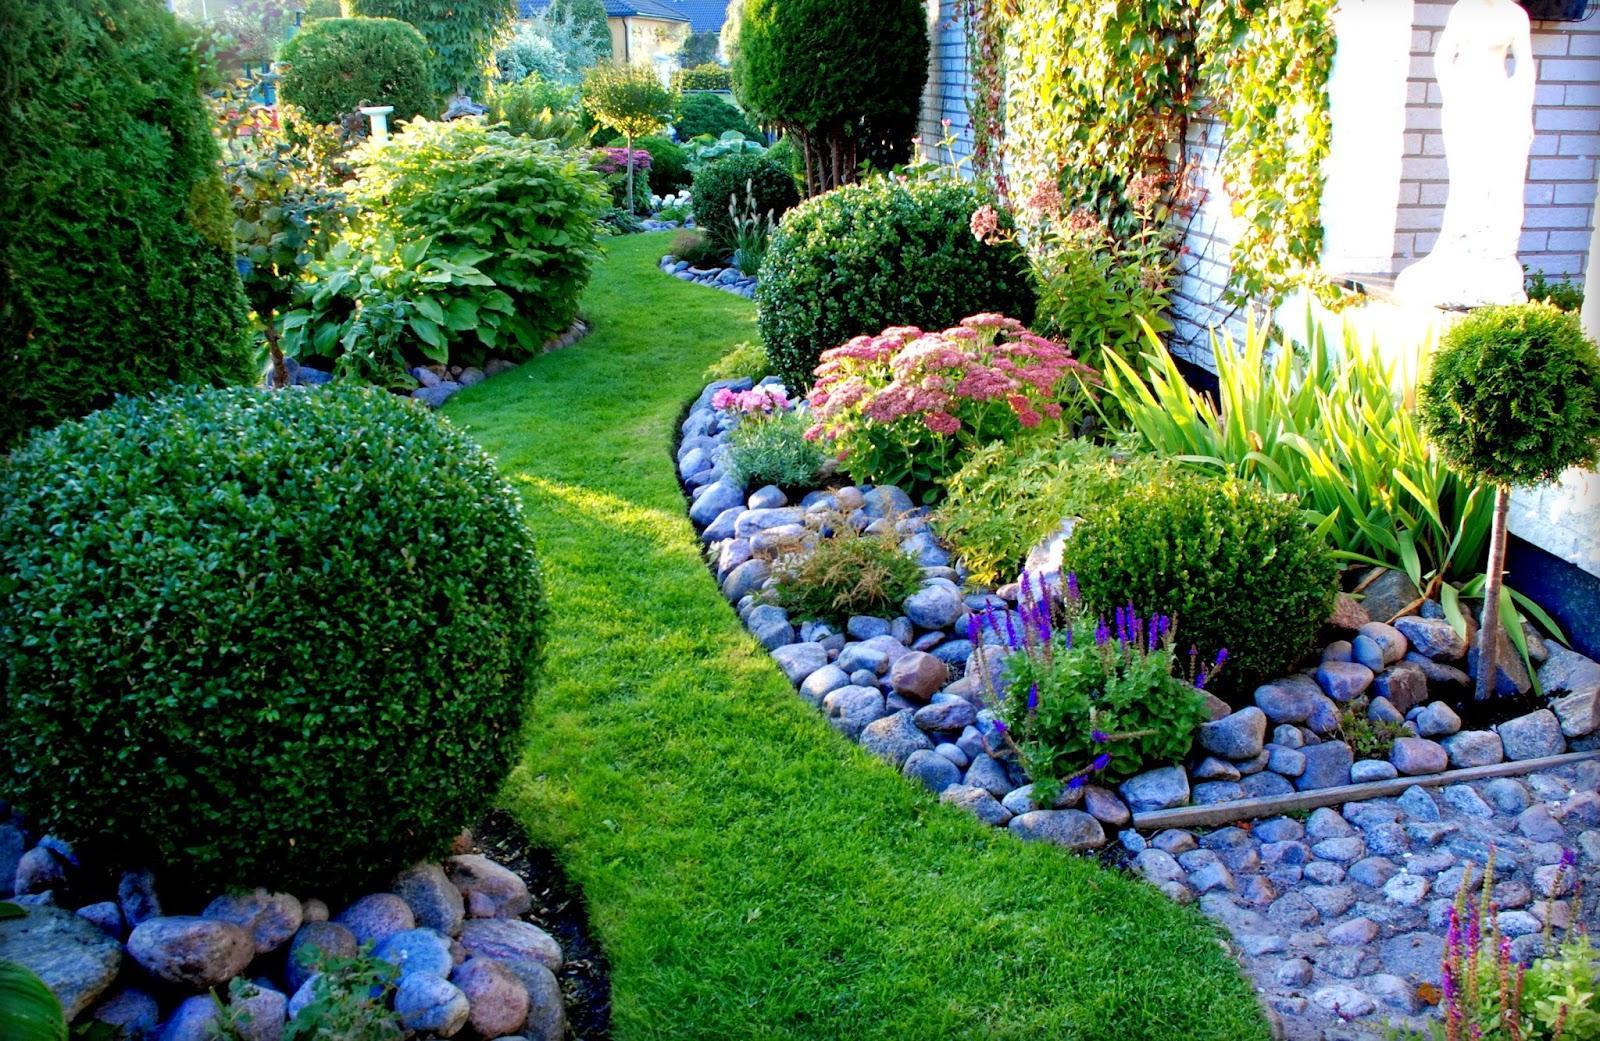 Záhrada,ktorá ťa nikdy neomrzí...divoká a krásna - Obrázok č. 5